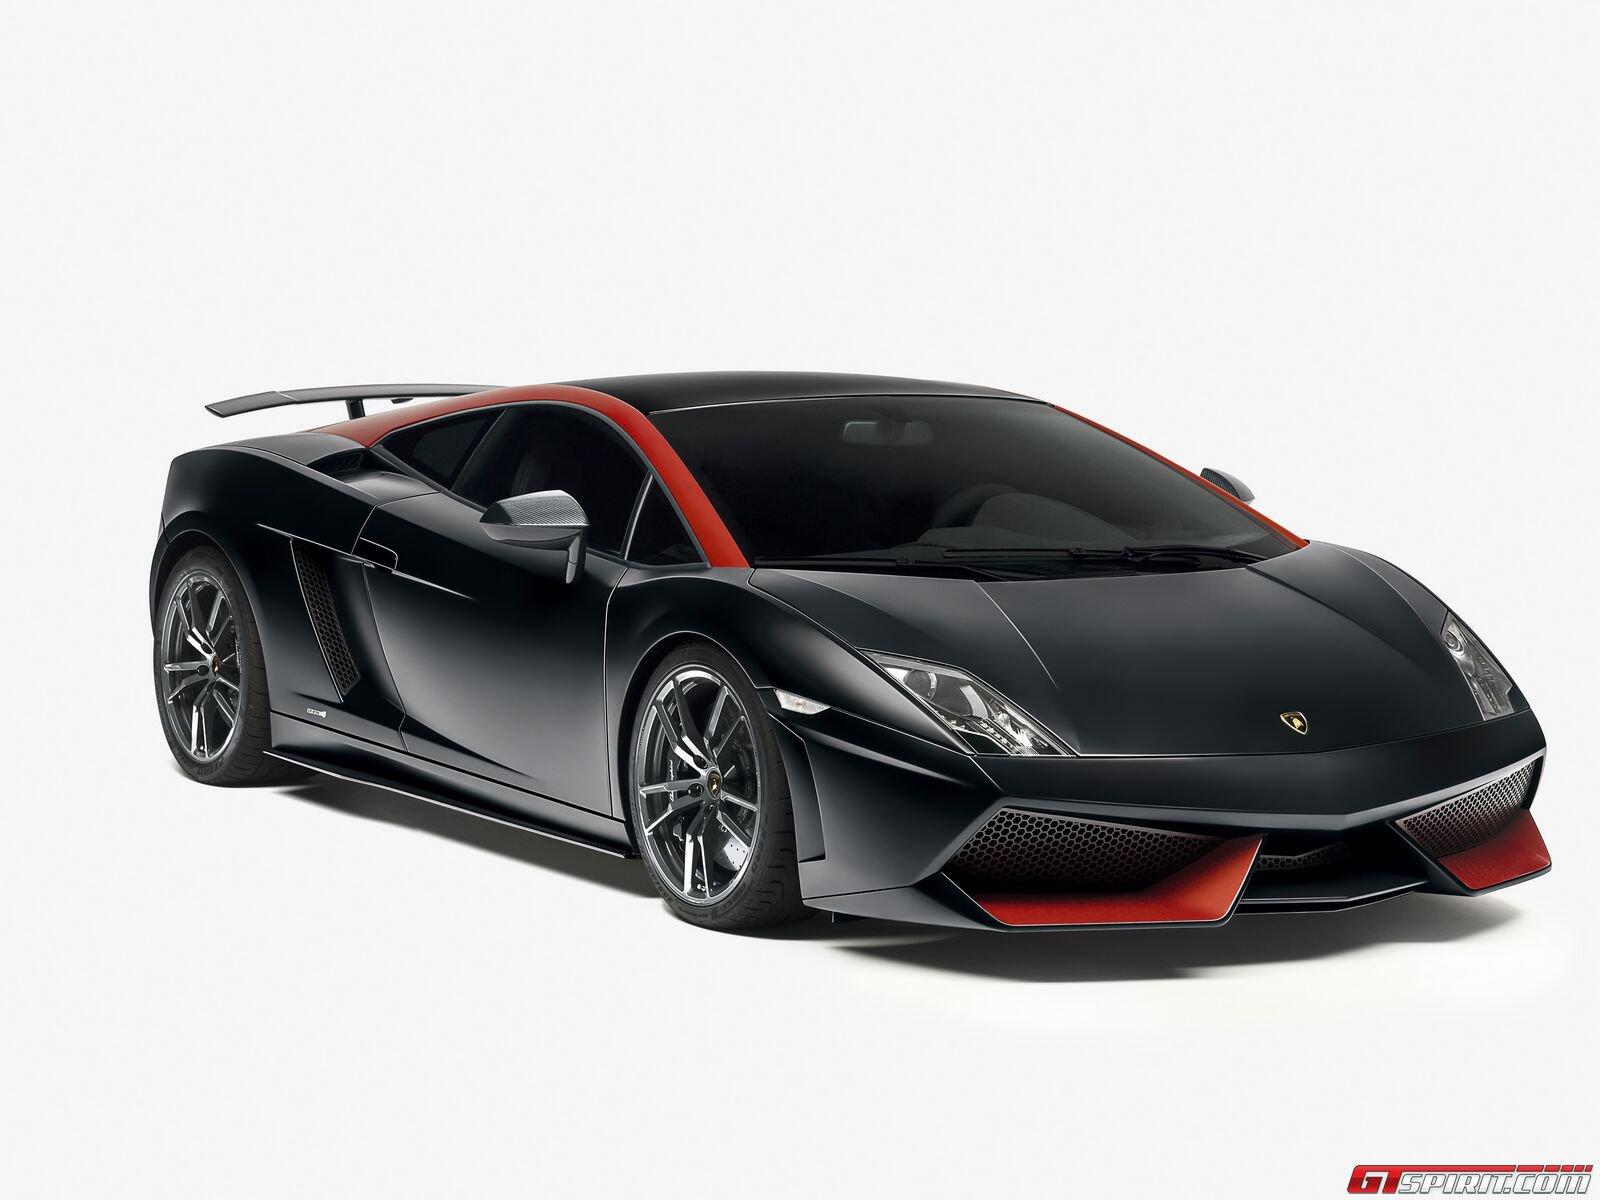 Lamborghini Gallardo LP570-4 Edizione Tecnica Photo 1